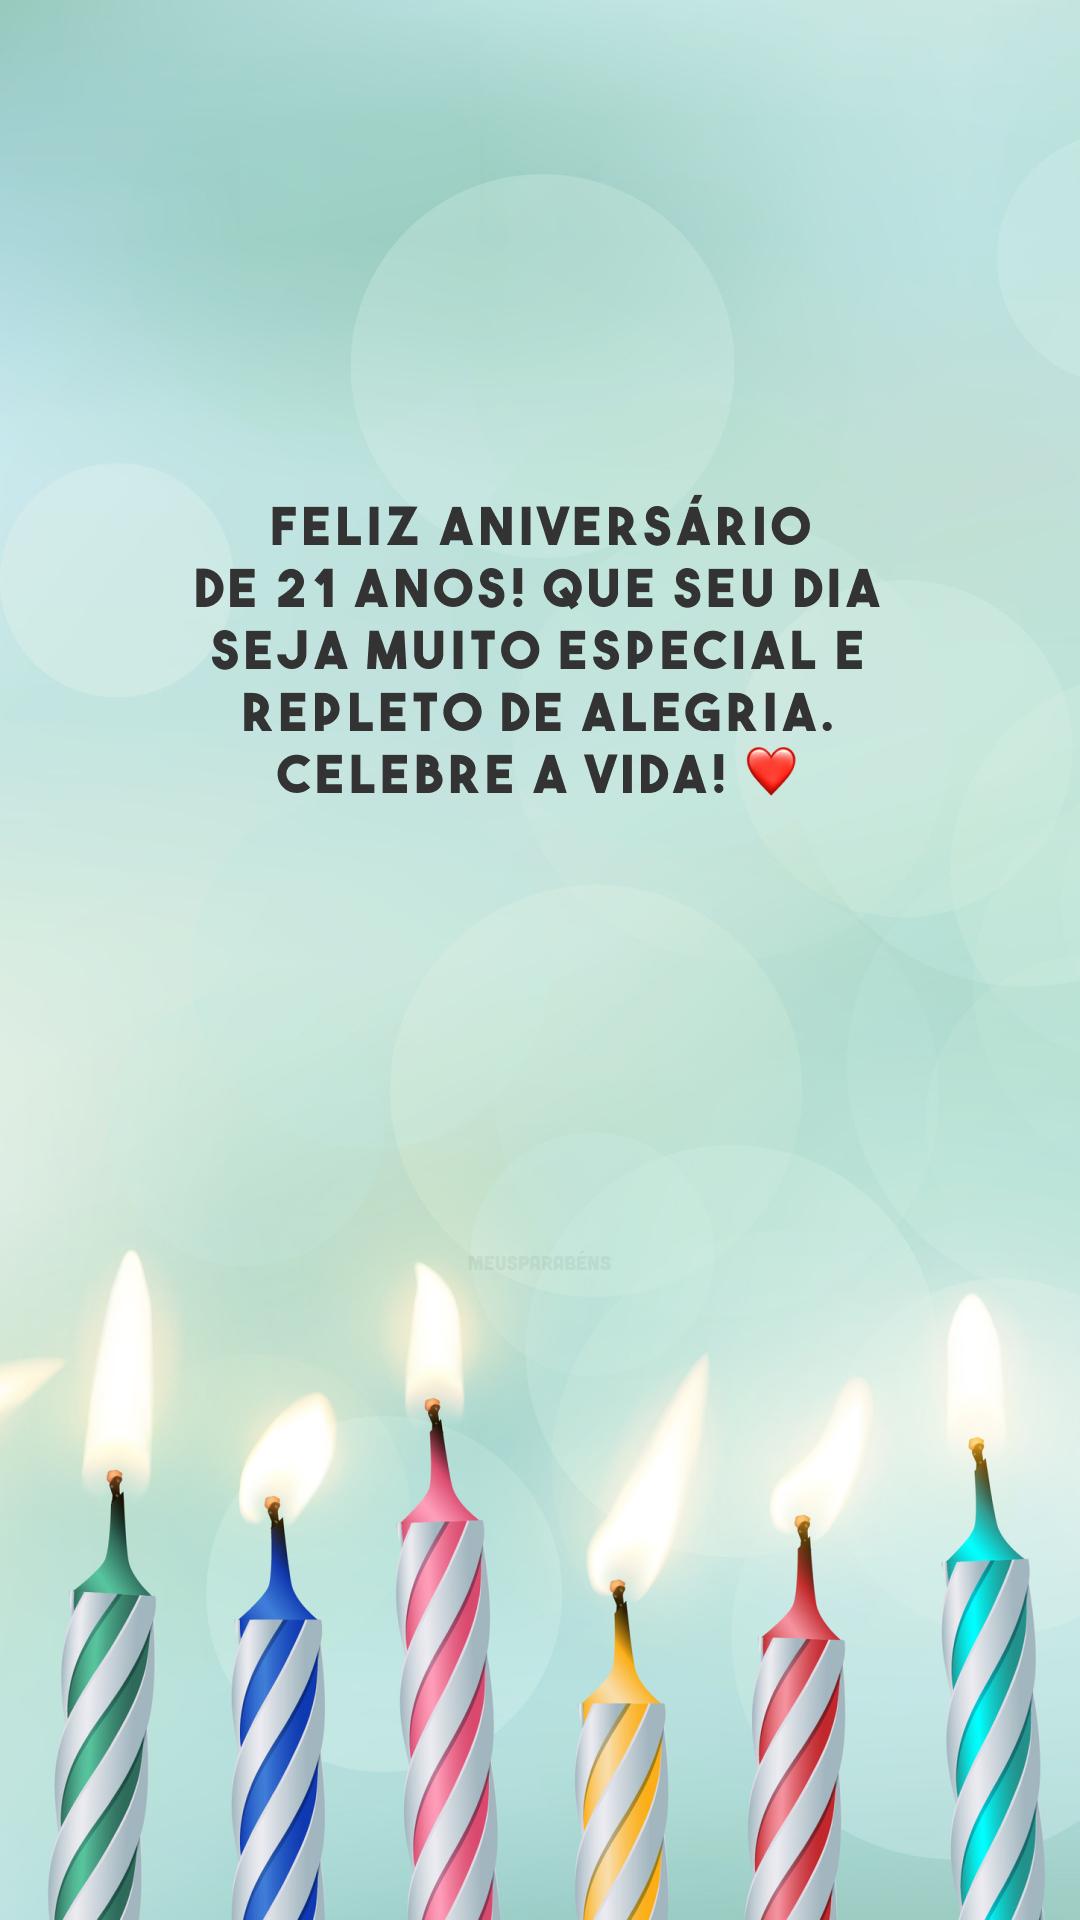 Feliz aniversário de 21 anos! Que seu dia seja muito especial e repleto de alegria. Celebre a vida! ❤️